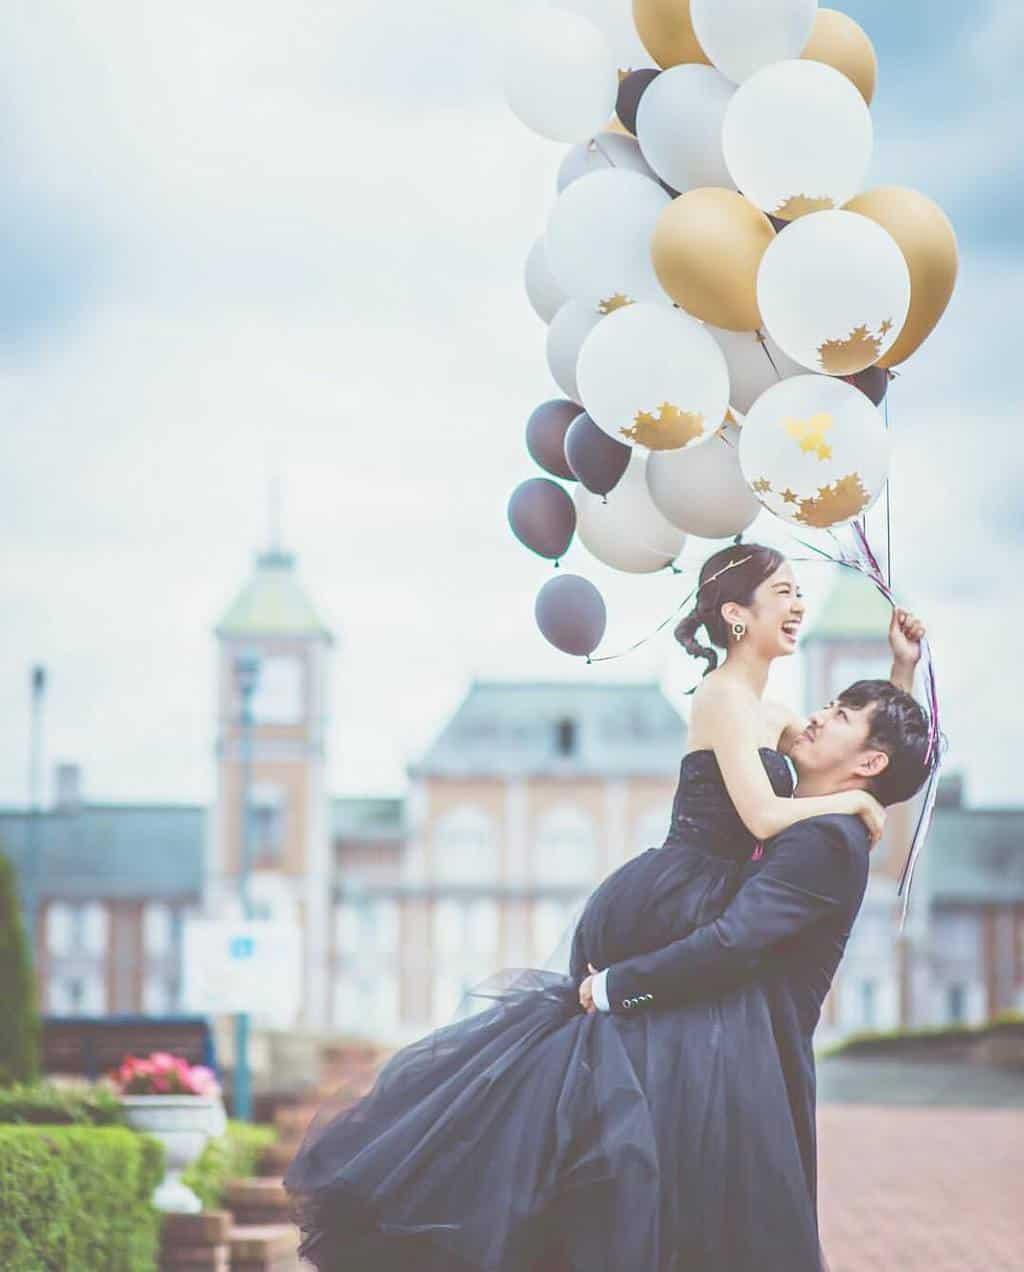 卒花嫁が教える♡ウェディングフォトのオススメポーズ11選のカバー写真 1.2421875